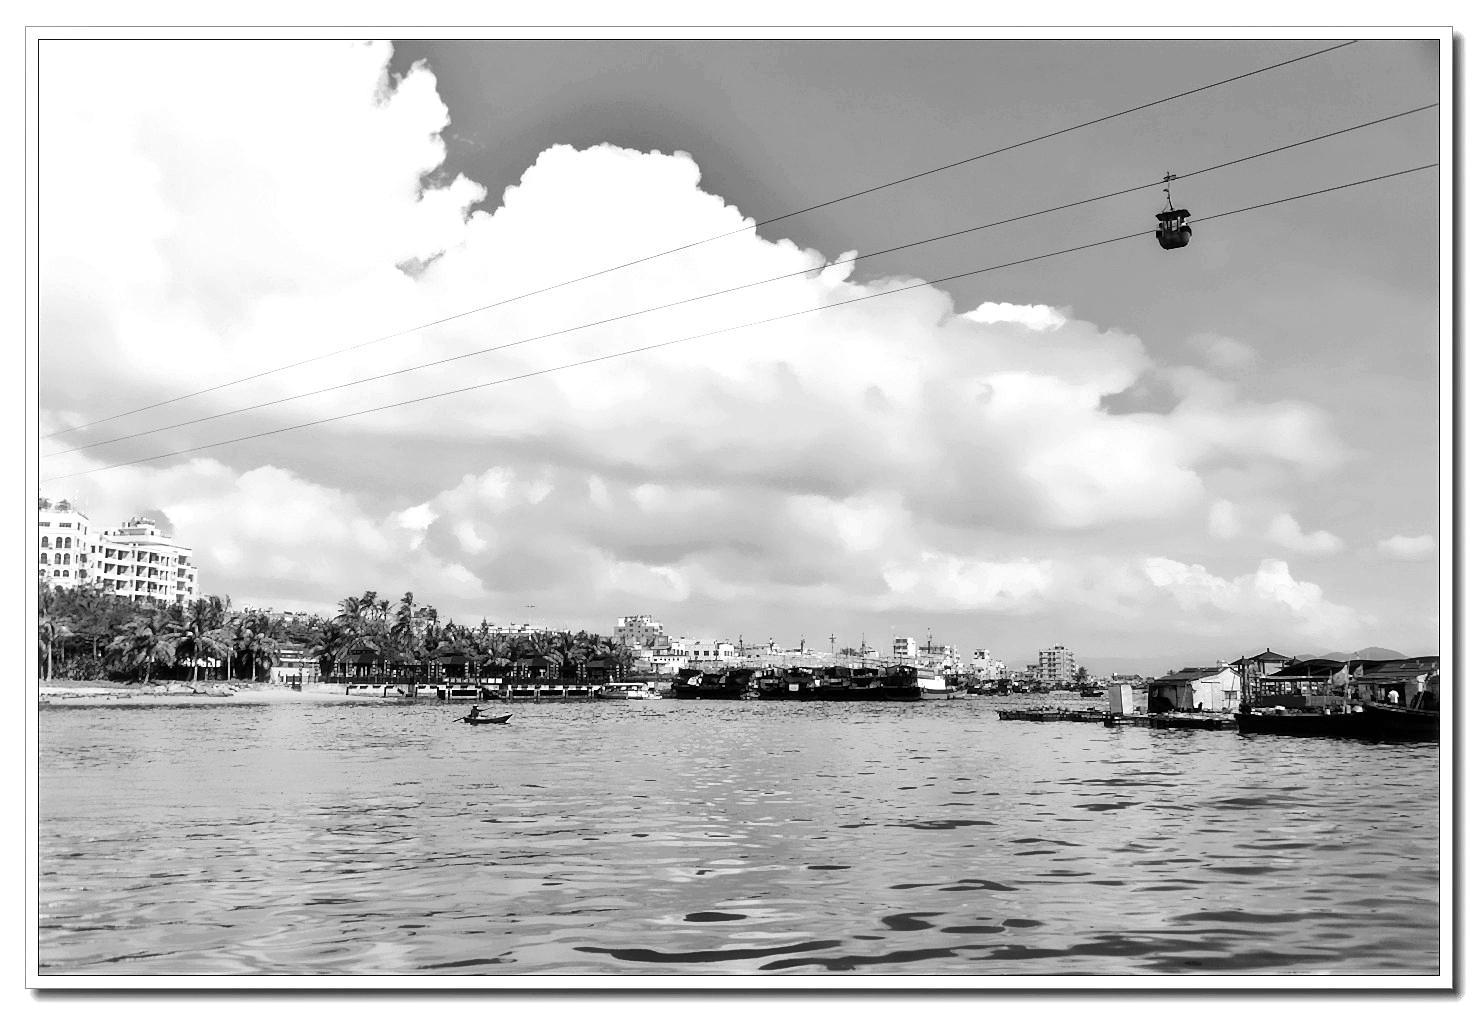 老张喜爱摄影作品:跨海去猴岛的几条线